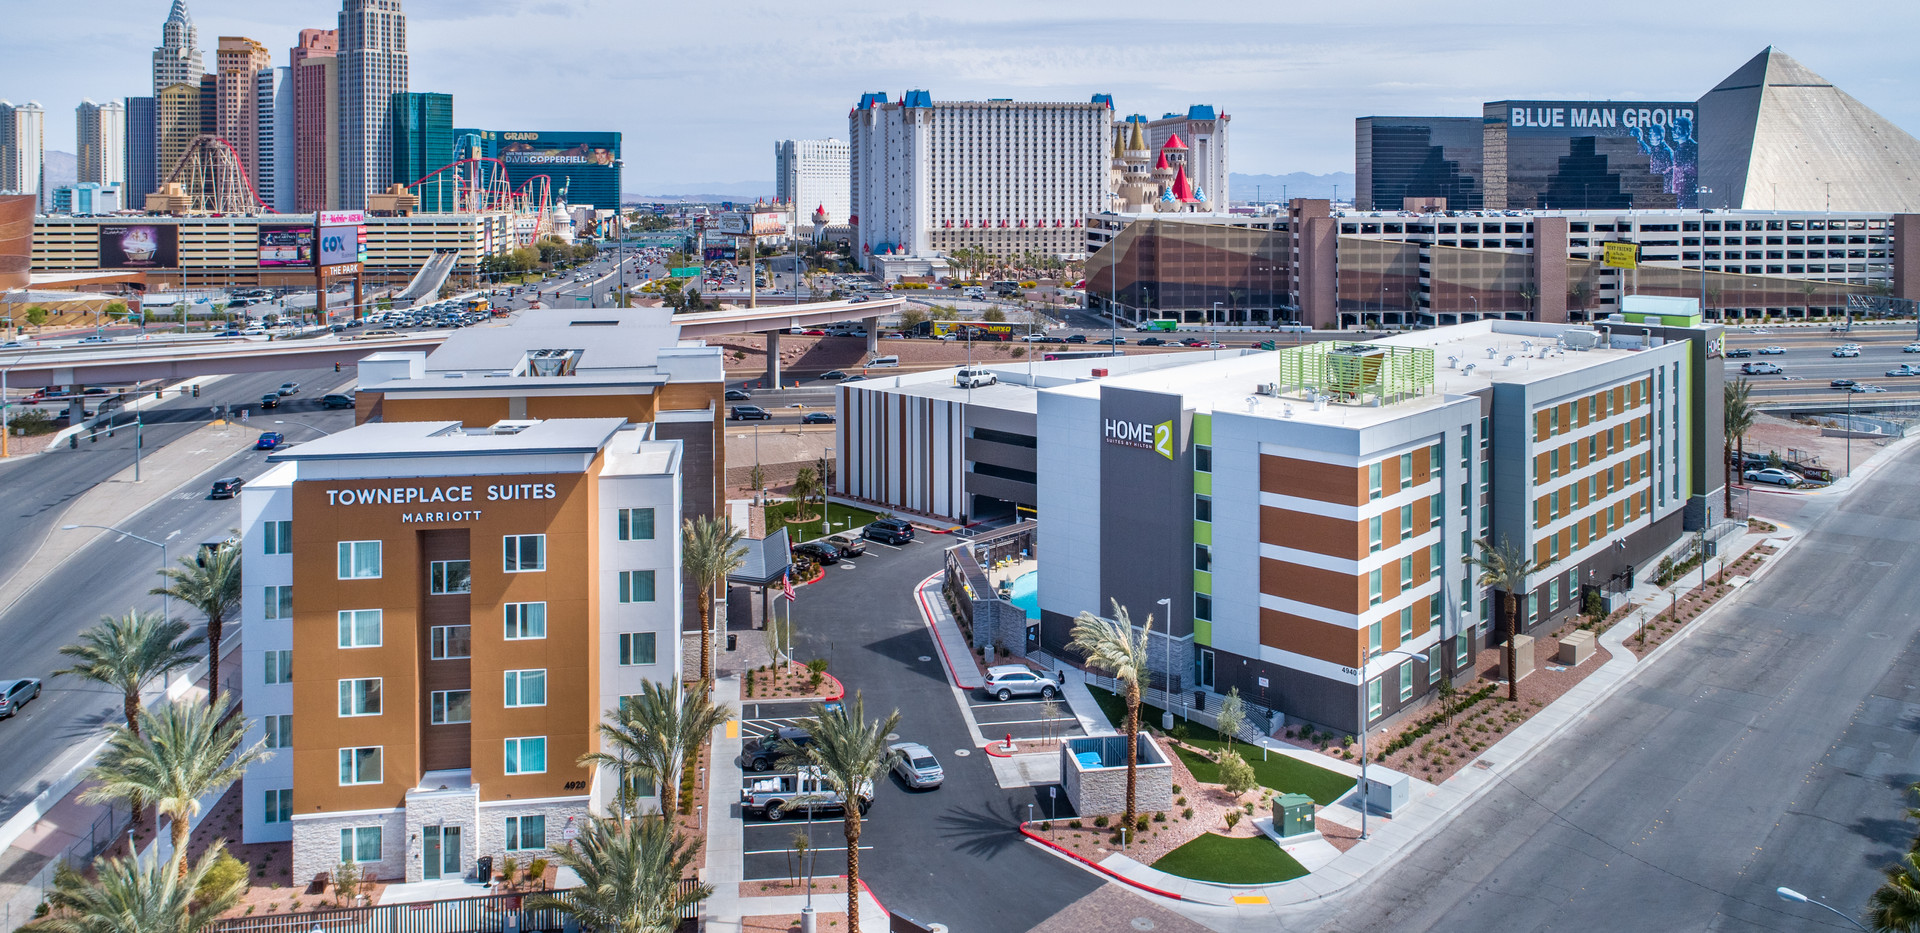 Home2_Towneplace_Vegas_Stills (5).jpg